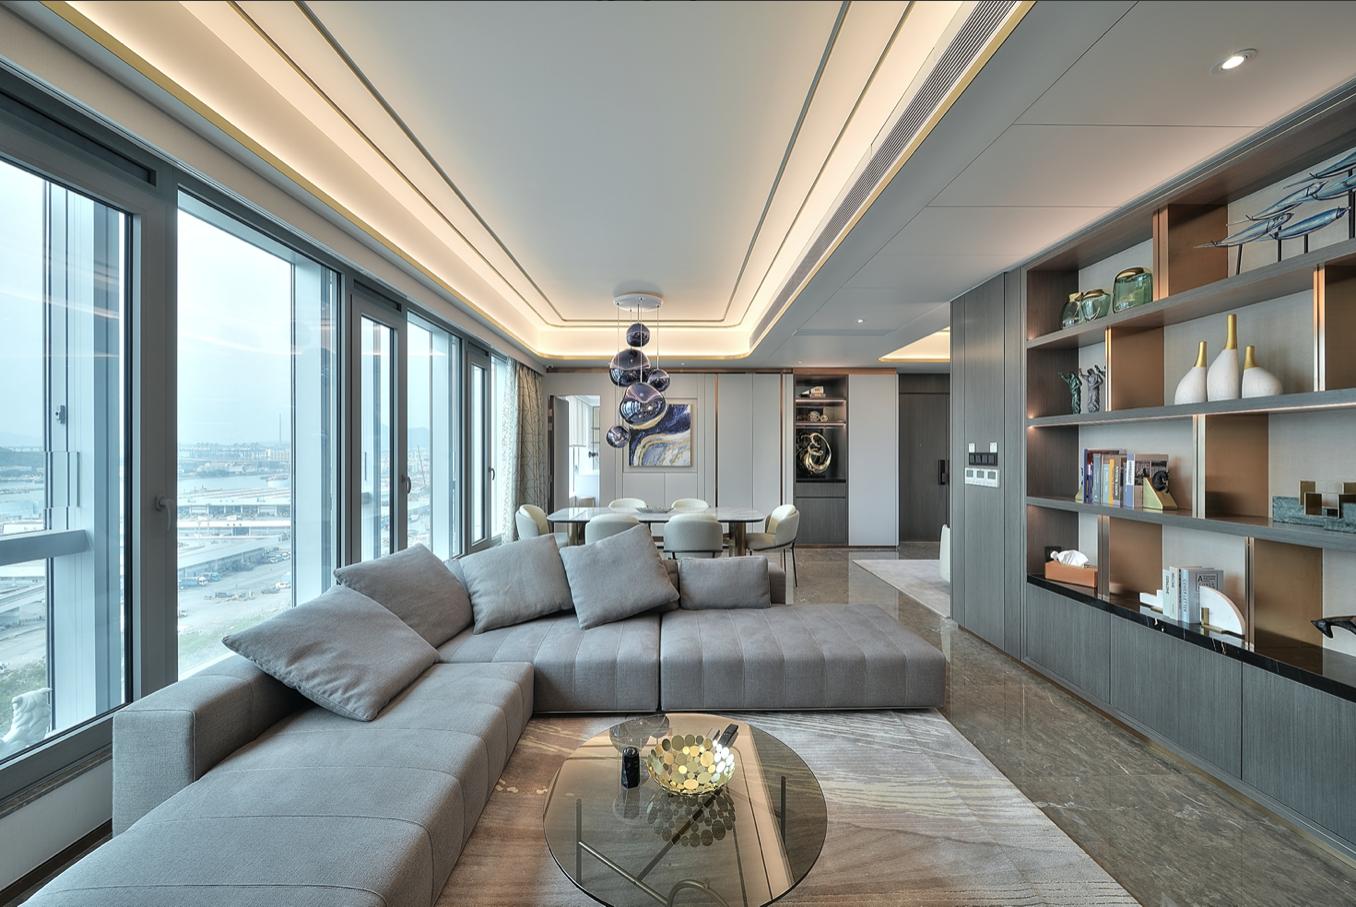 JS - Aluminium Windows in Hong Kong 香港優質鋁窗公司 – Aliplast - Cullinan-West